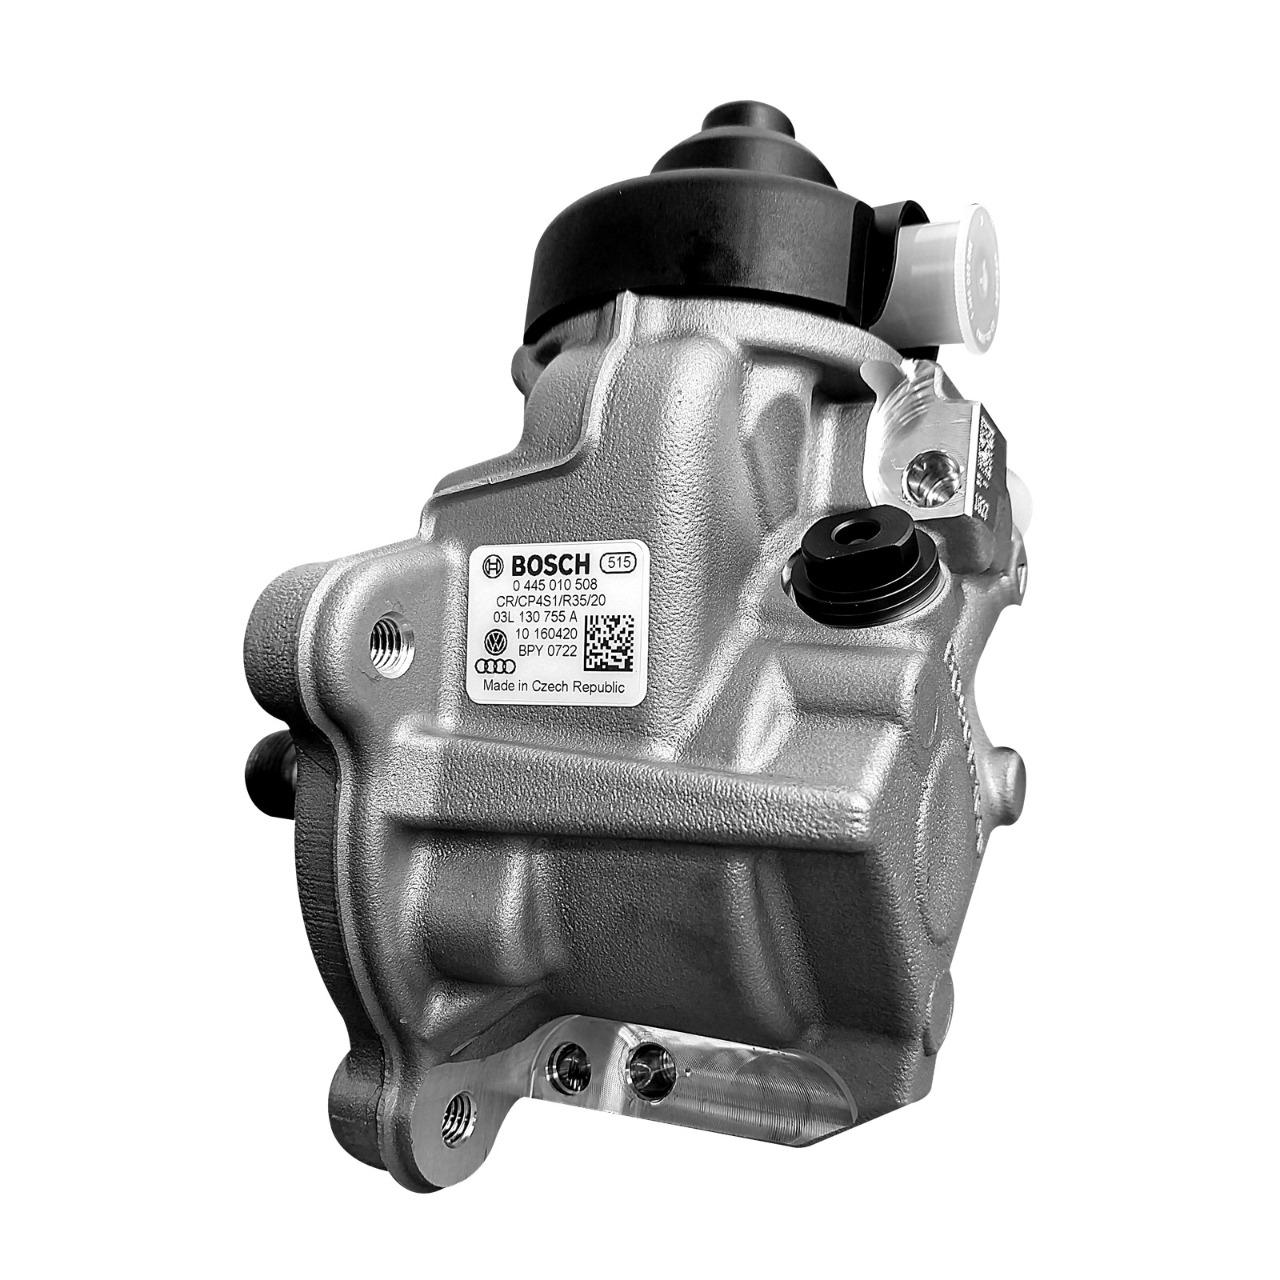 Bomba de Alta Pressão Amarok 2.0 16v  TDI Ano 2012 a 2018 Euro V Nova Original Bosch